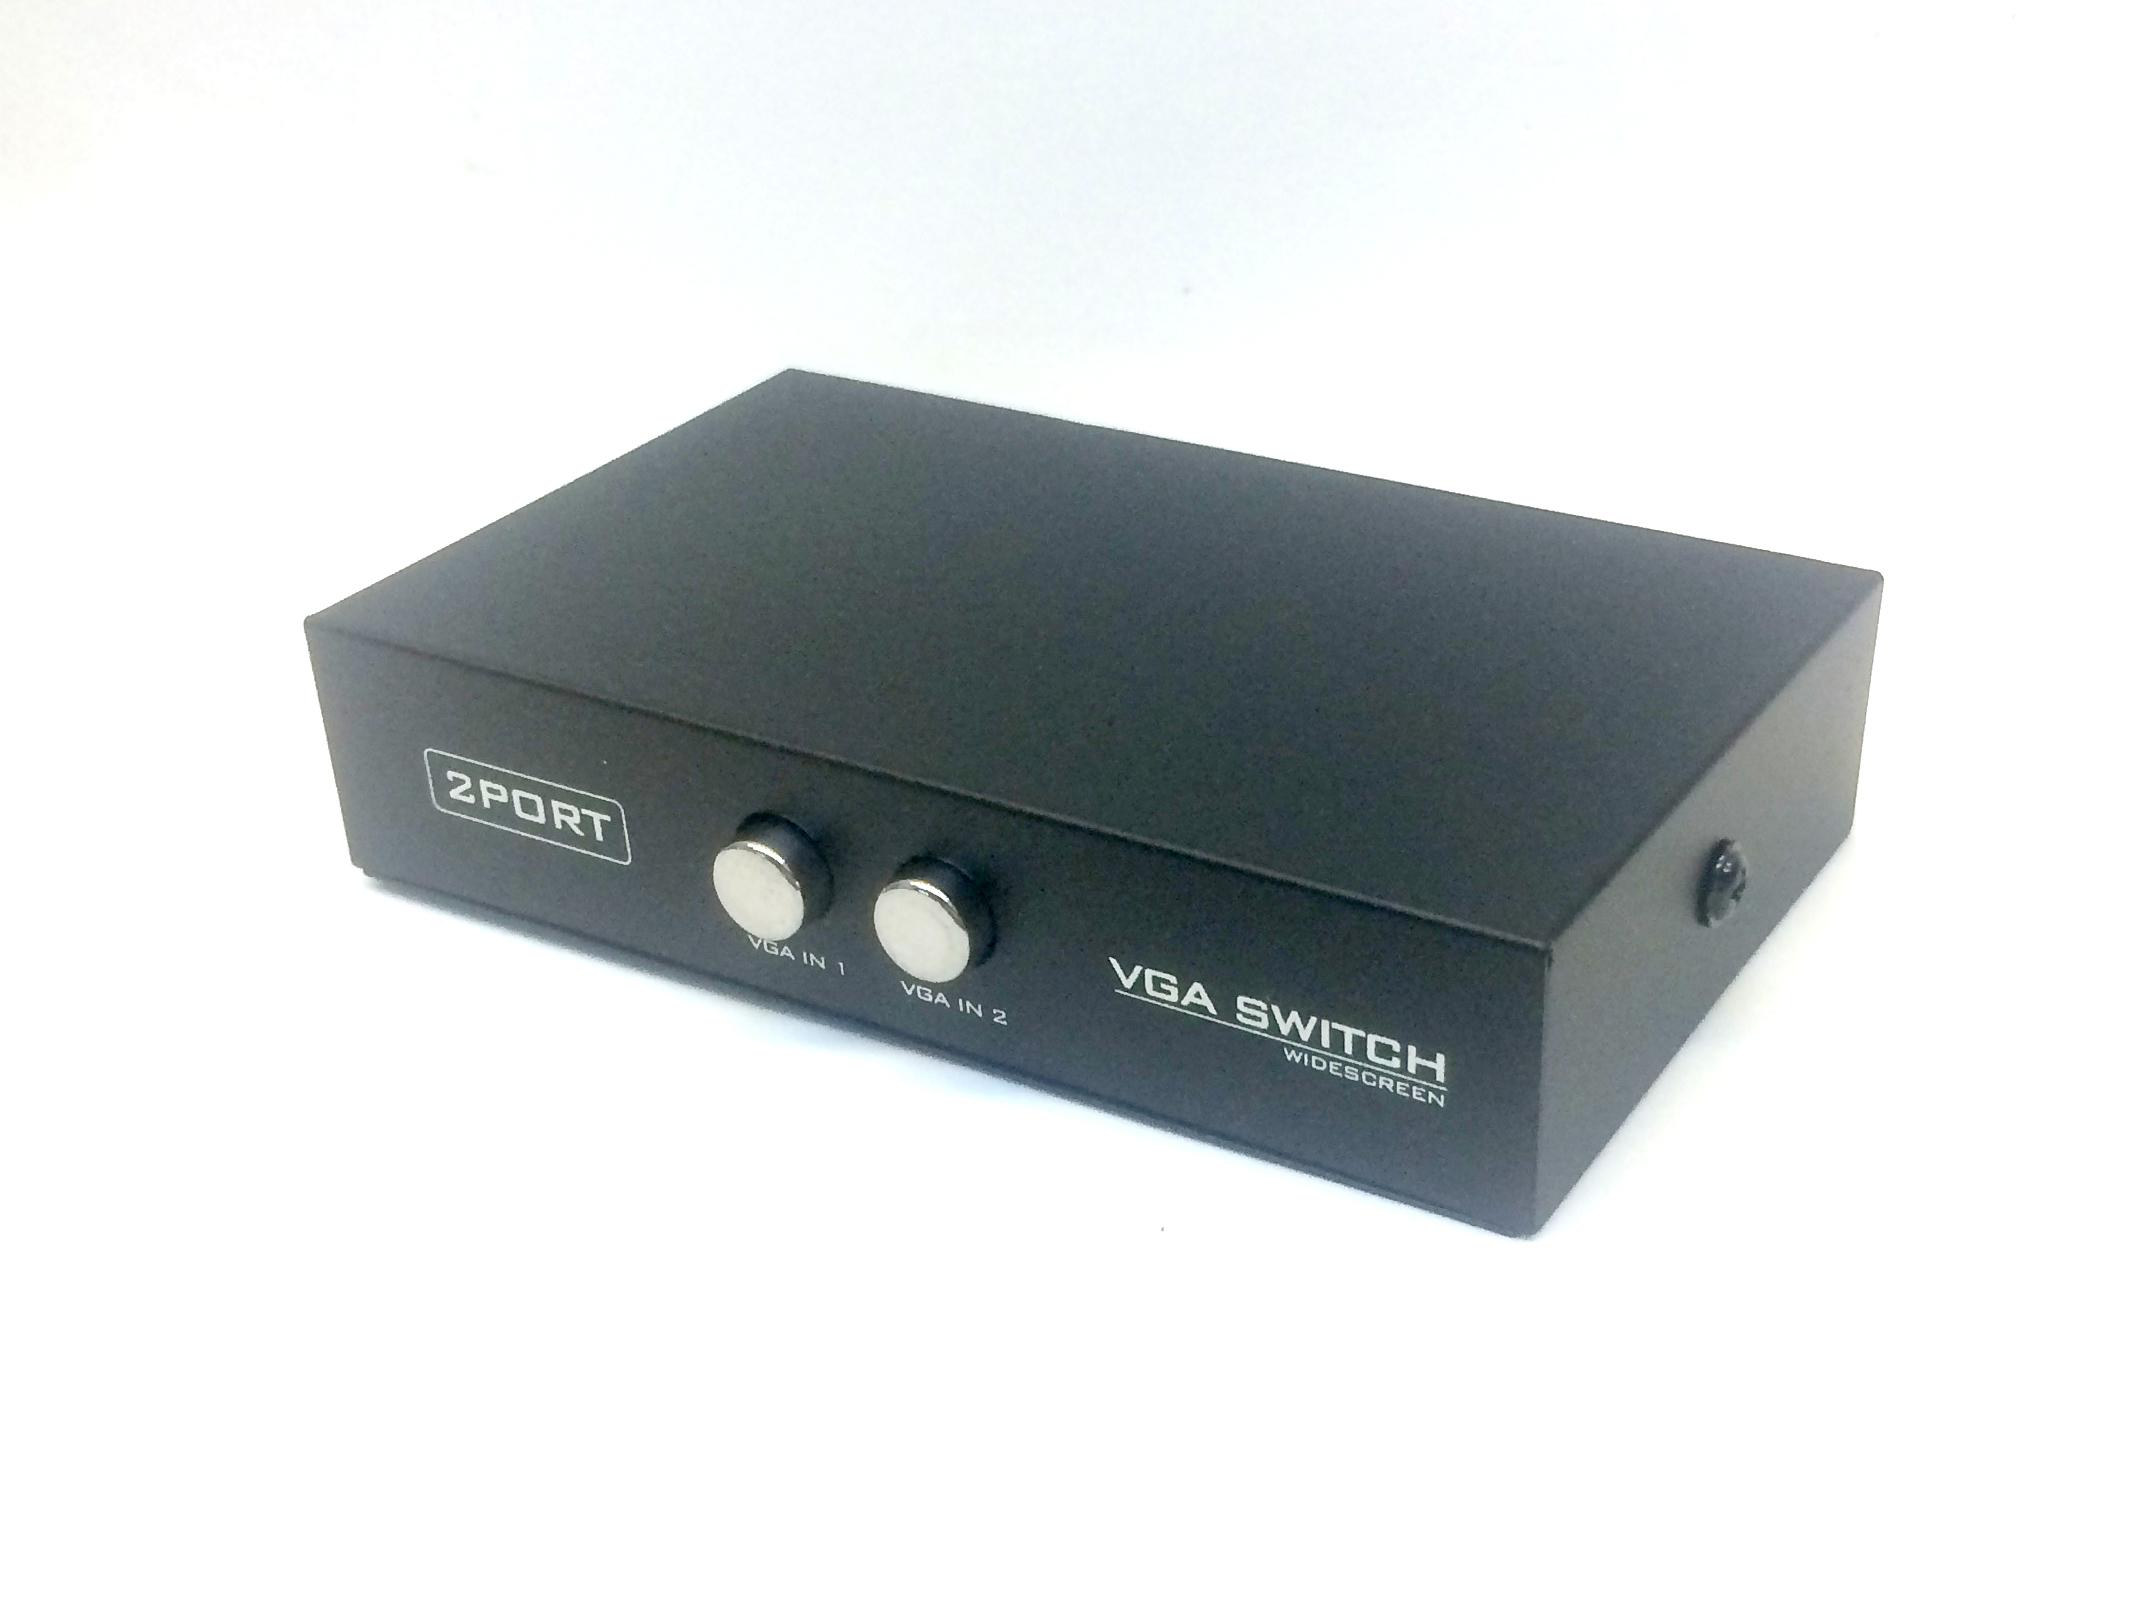 Chuyển đổi 2 kênh VGA